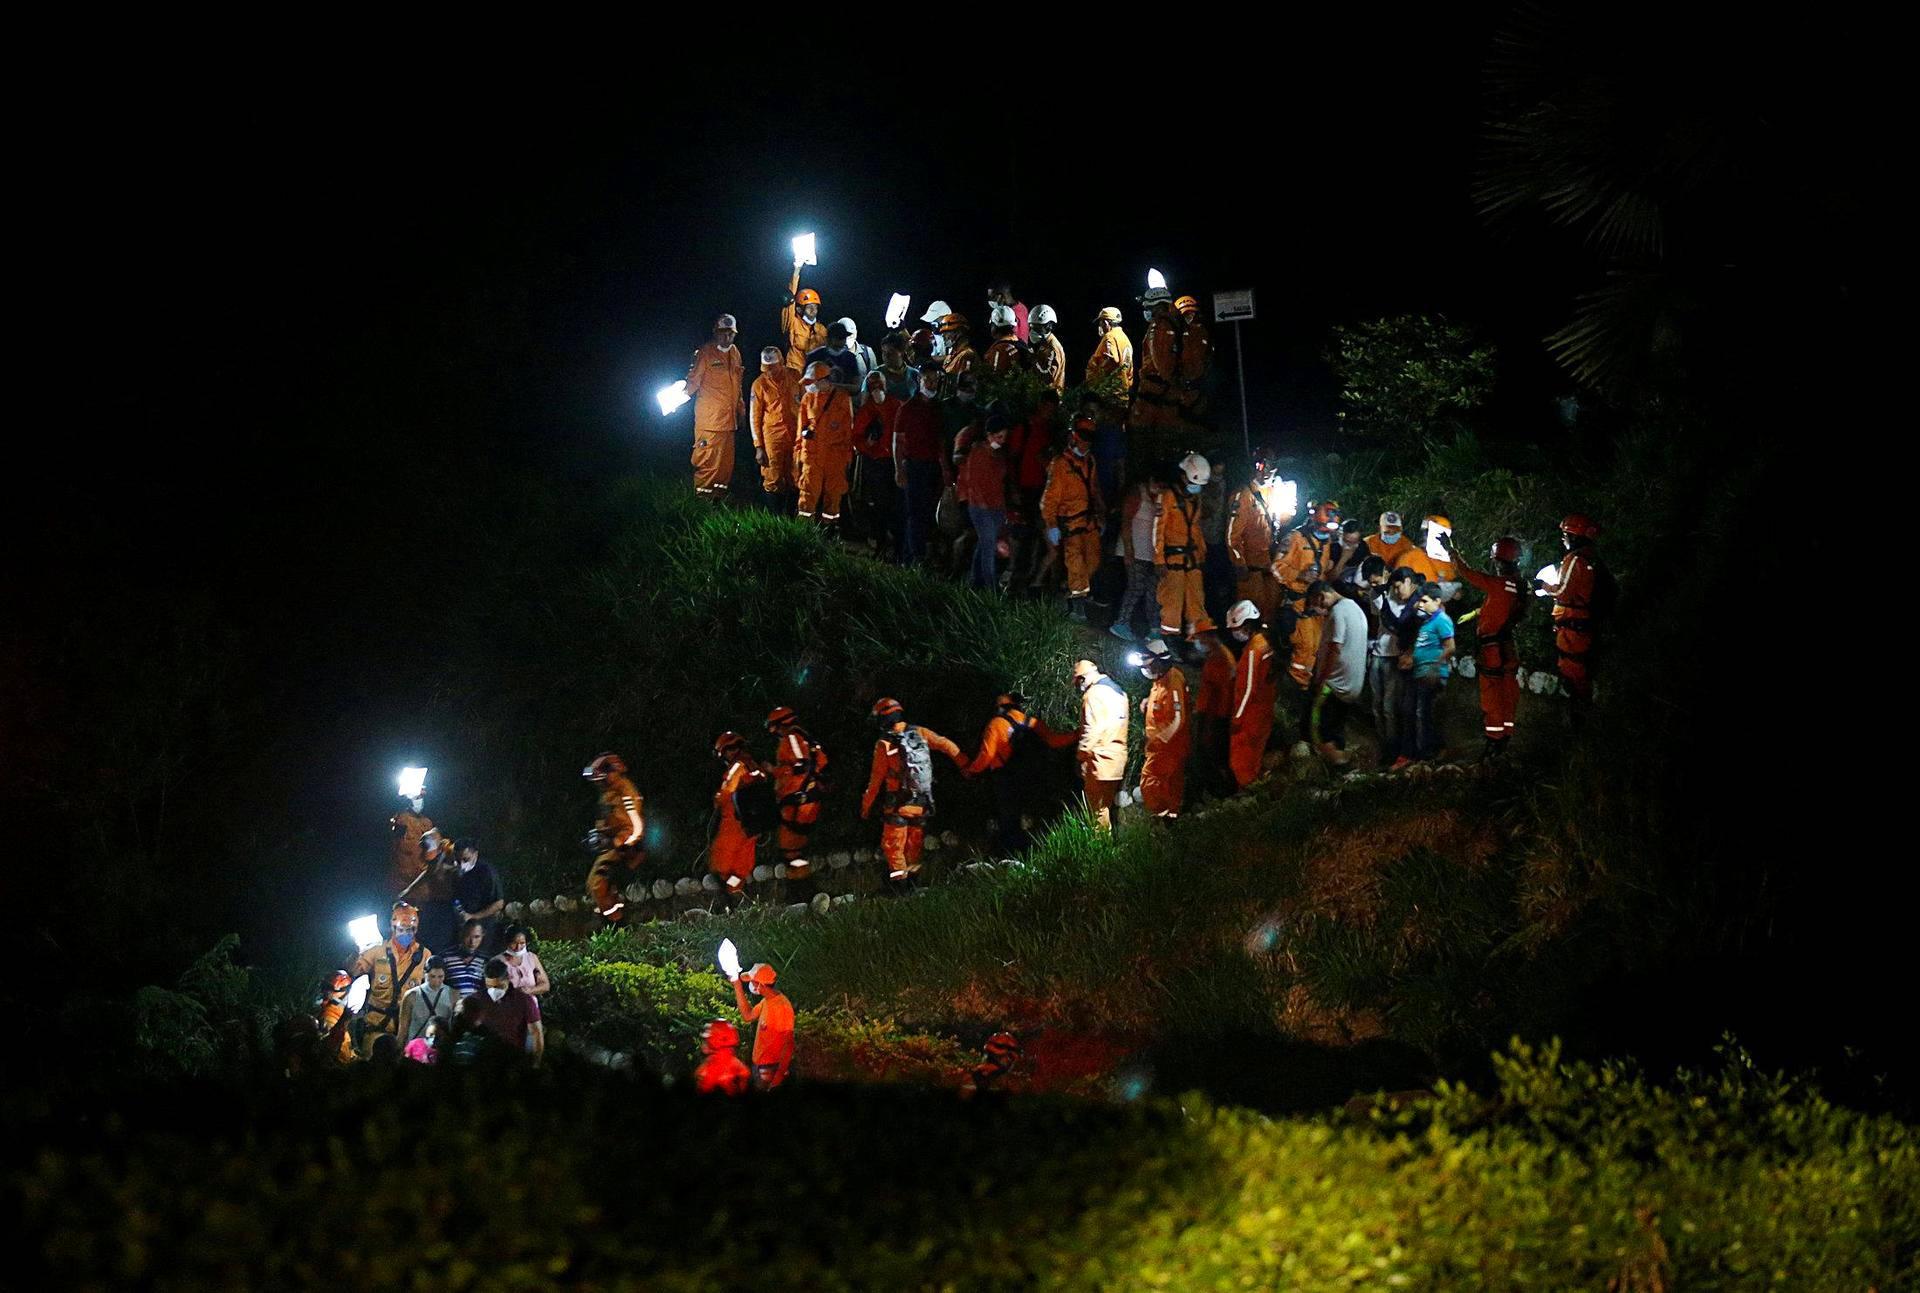 Hautajaissaattue käveli mäkeä alas Mocoassa Kolumbiassa, jossa rankkasateiden aiheuttamat tulvat ja mutavyöryt tappoivat yli 250 ihmistä.